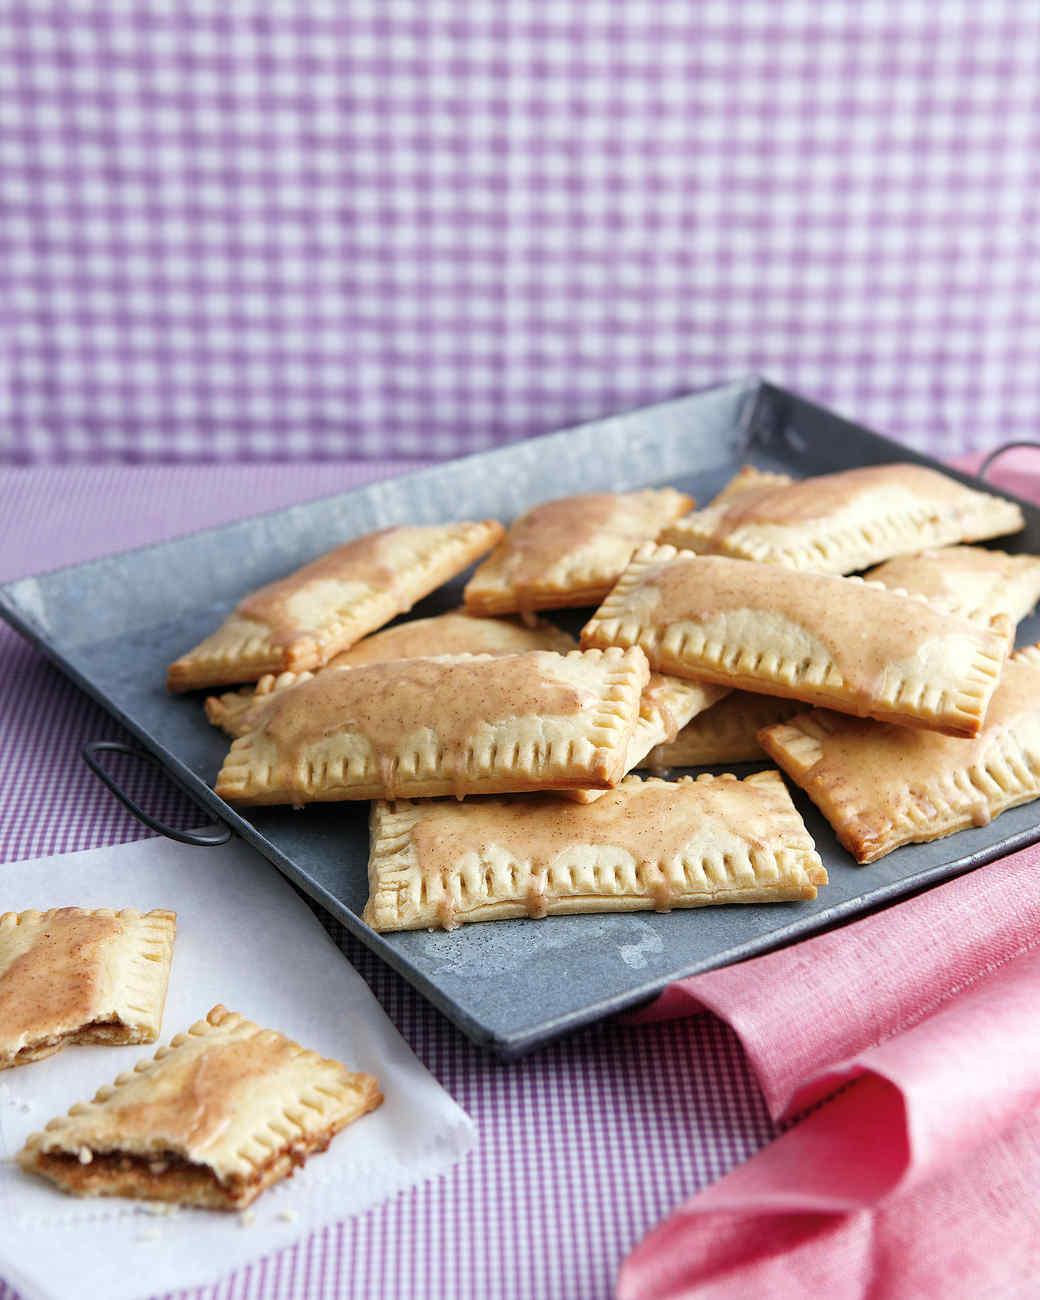 Cinnamon-Sugar Pastry Pockets